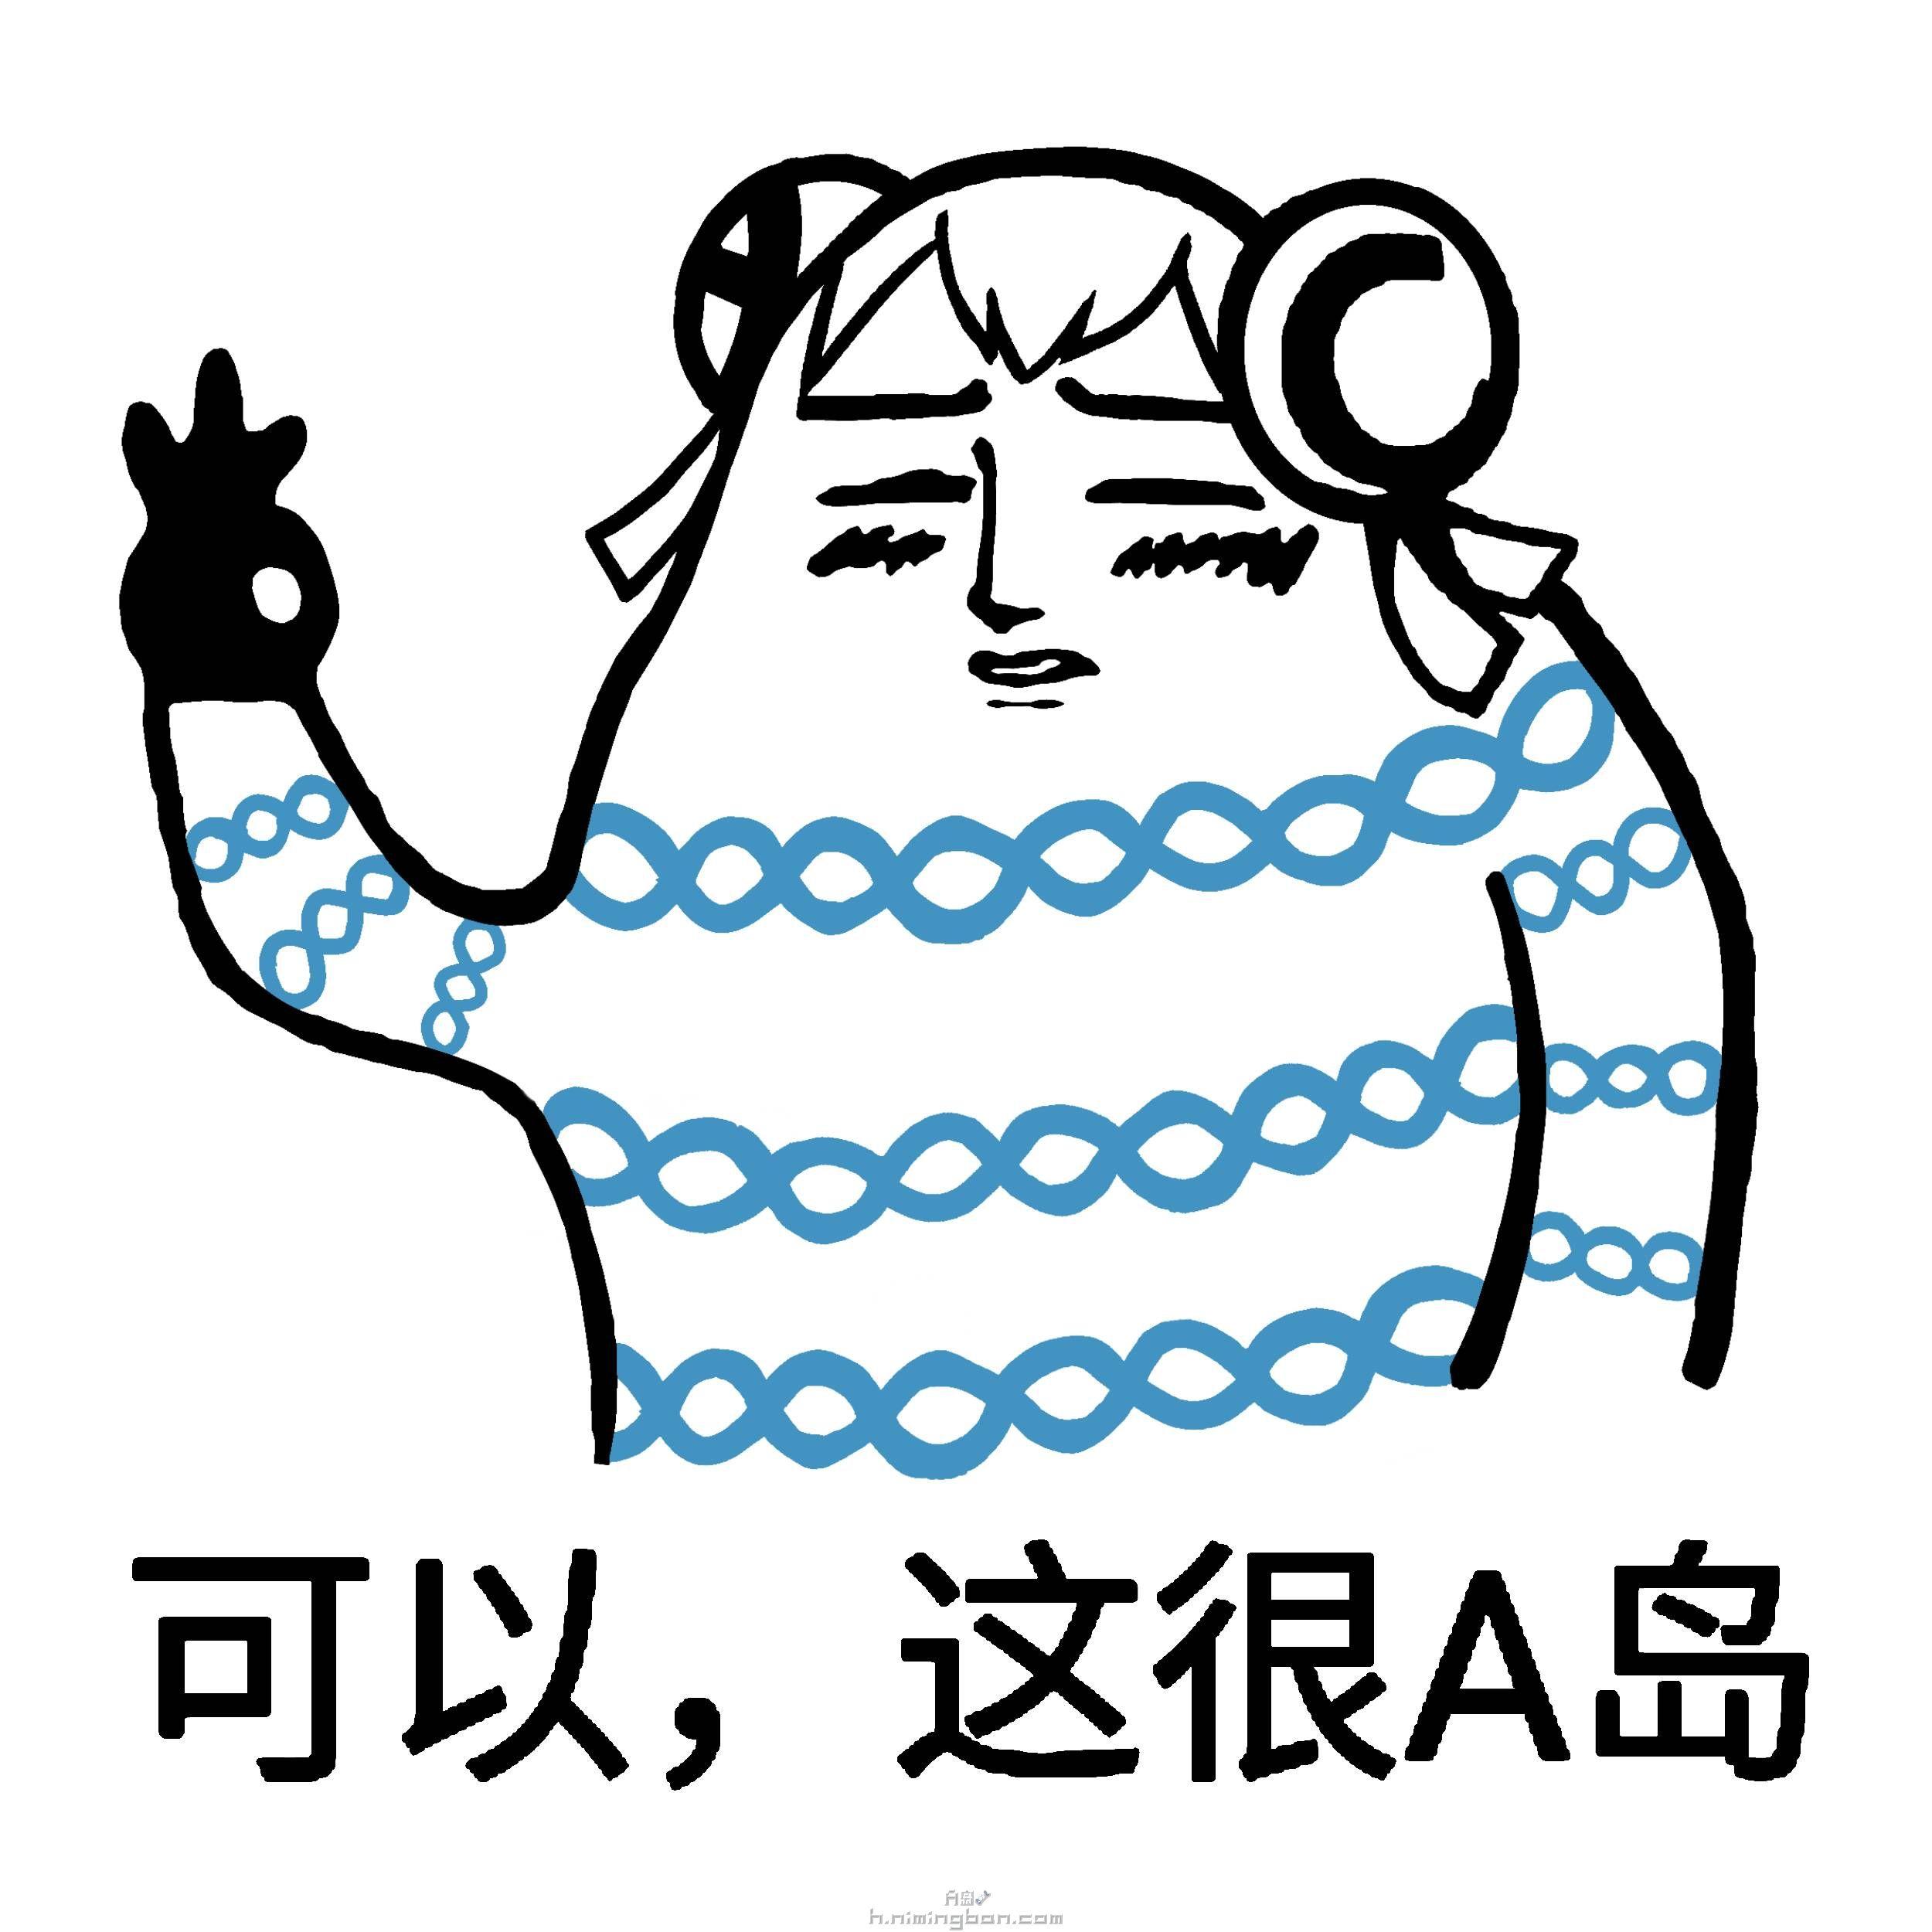 【AC娘】一表情的年份(二次v表情)-AcFun弹塔王亚耀利表黑情包图片